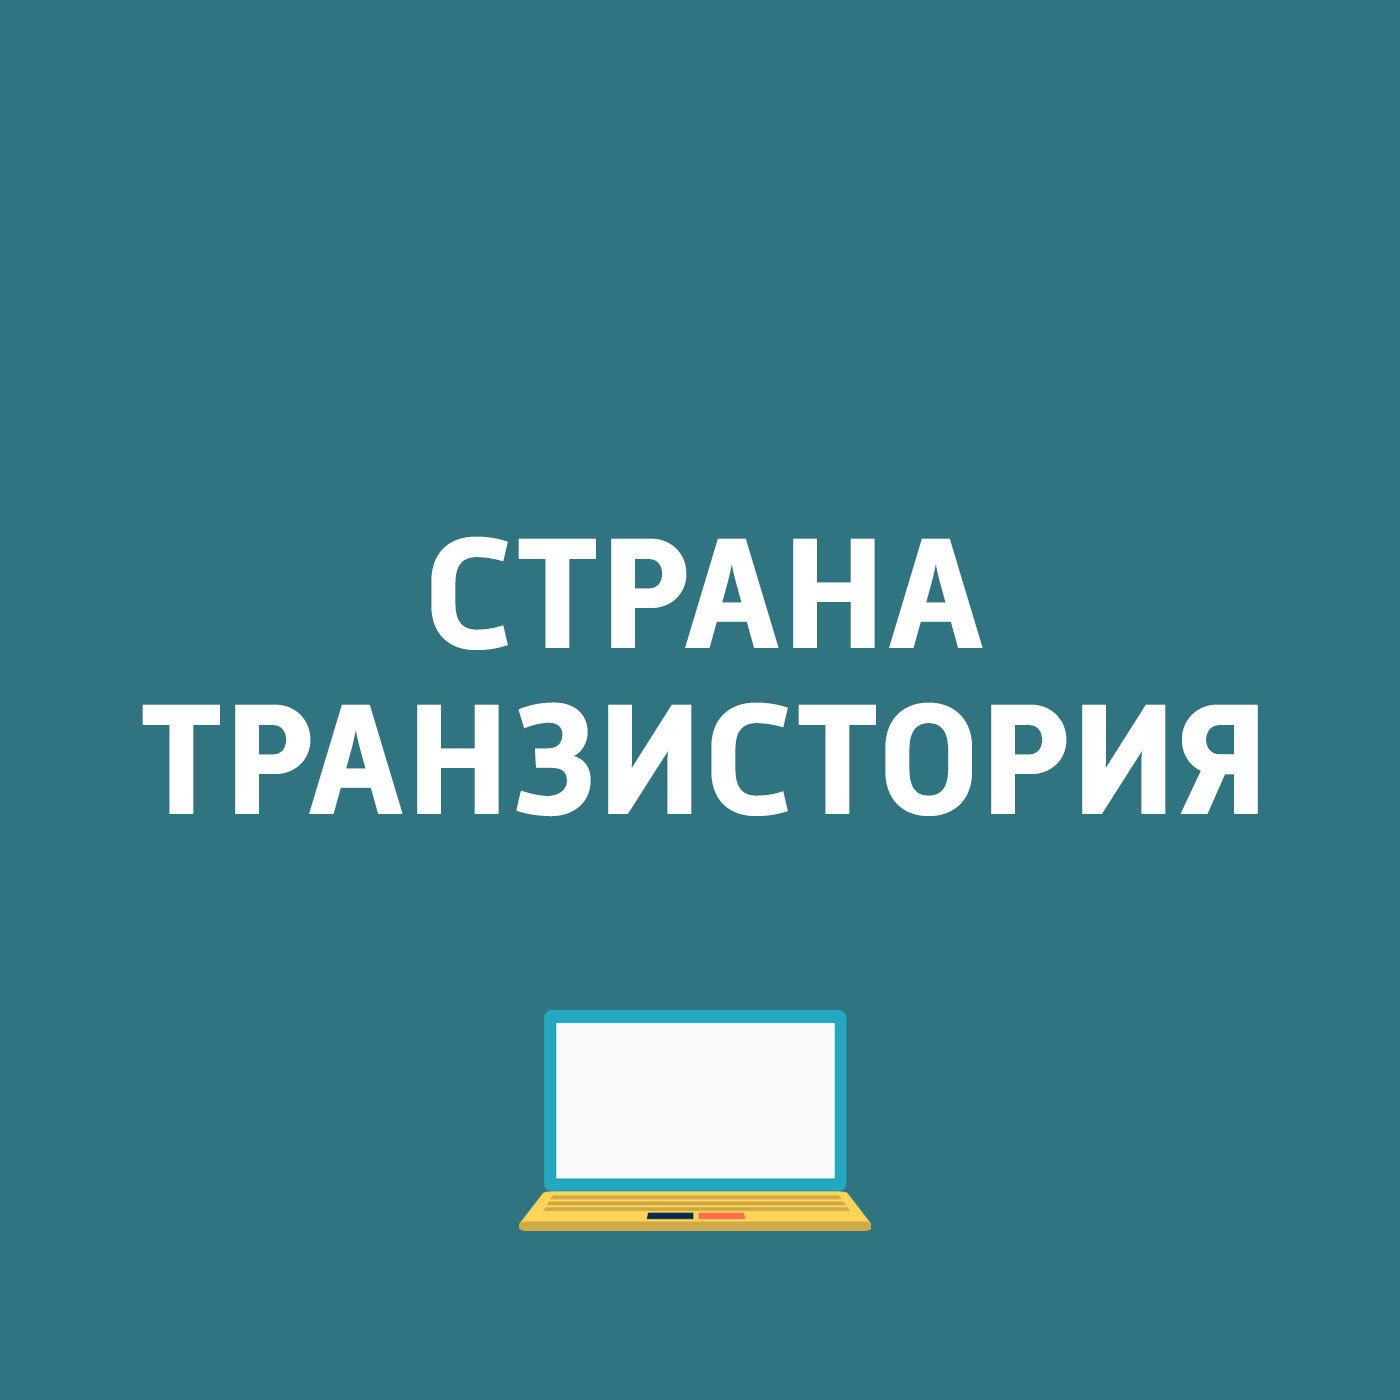 цена Картаев Павел Google представила новые флагманские смартфоны Pixel 3 и Pixel 3 XL